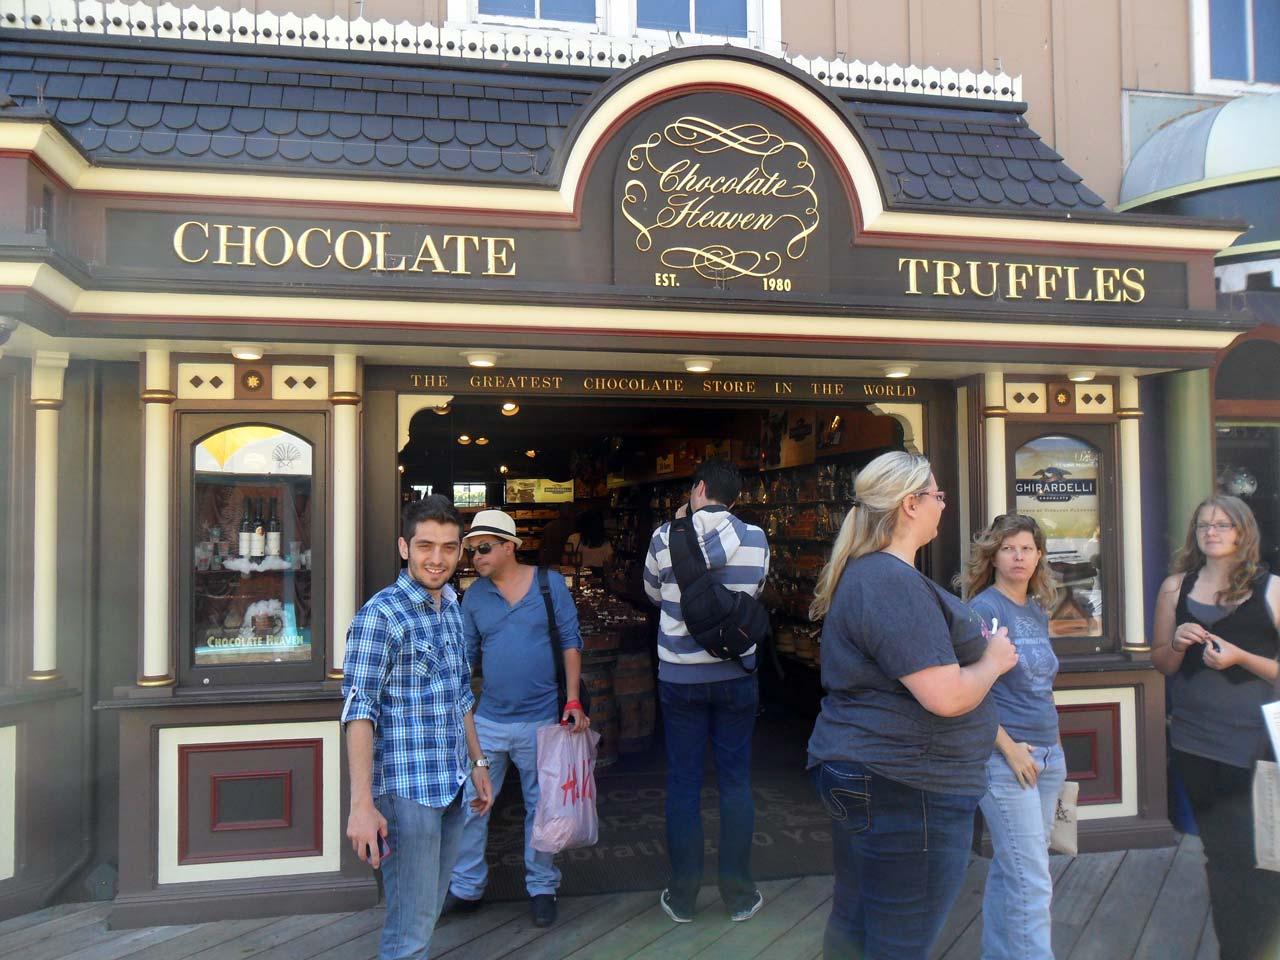 Dediklerine göre dünyanın en iyi çikolatacısıymış